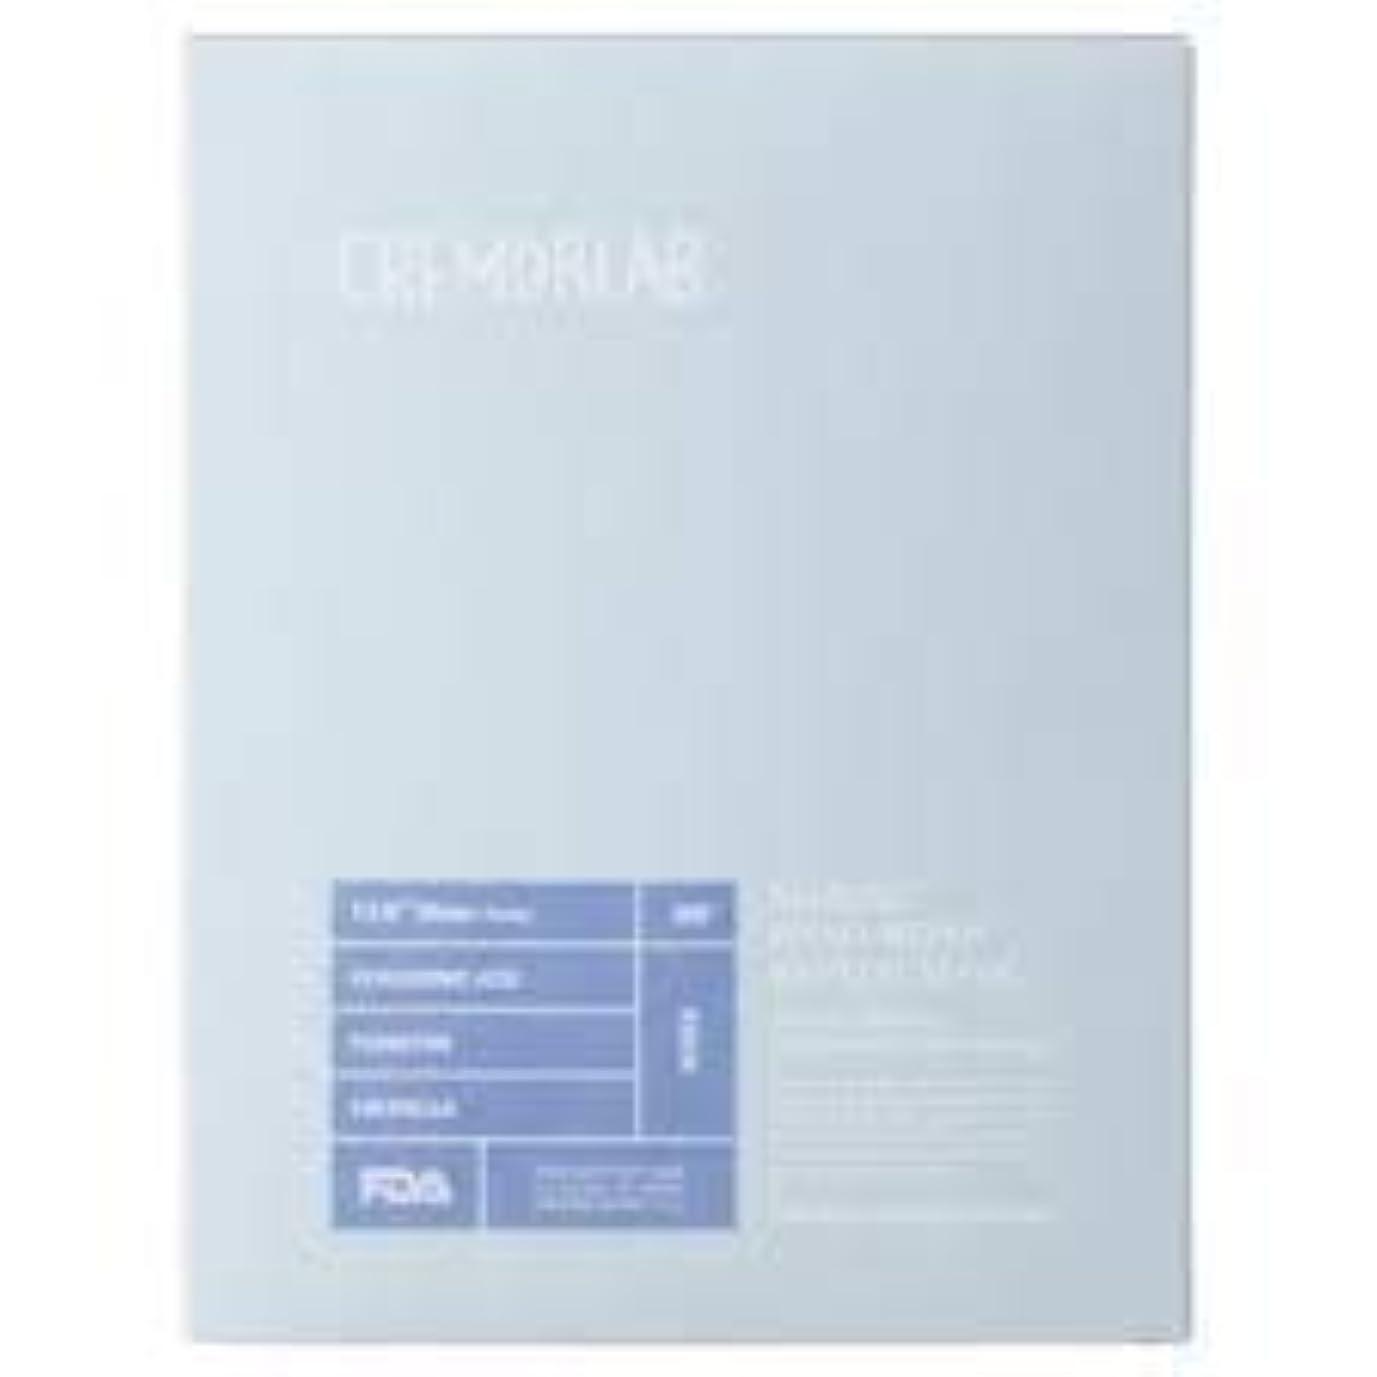 良心近々剪断CREMORLAB マリンファーミングは、このシートマスクは、強力な保湿スキンを植え付ける補充し、あなたの肌のトーンを養うために働くヒアルロン酸1-マスク